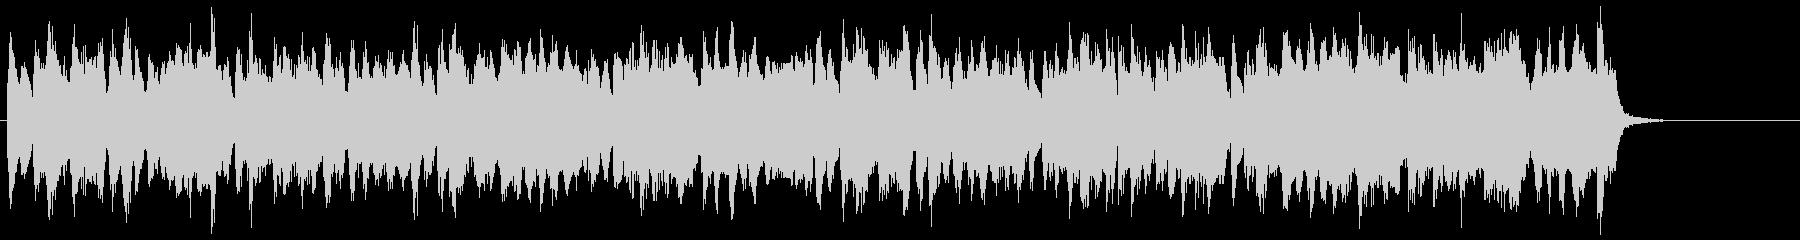 トロンボーンの旋律が明るく優しいBGMの未再生の波形